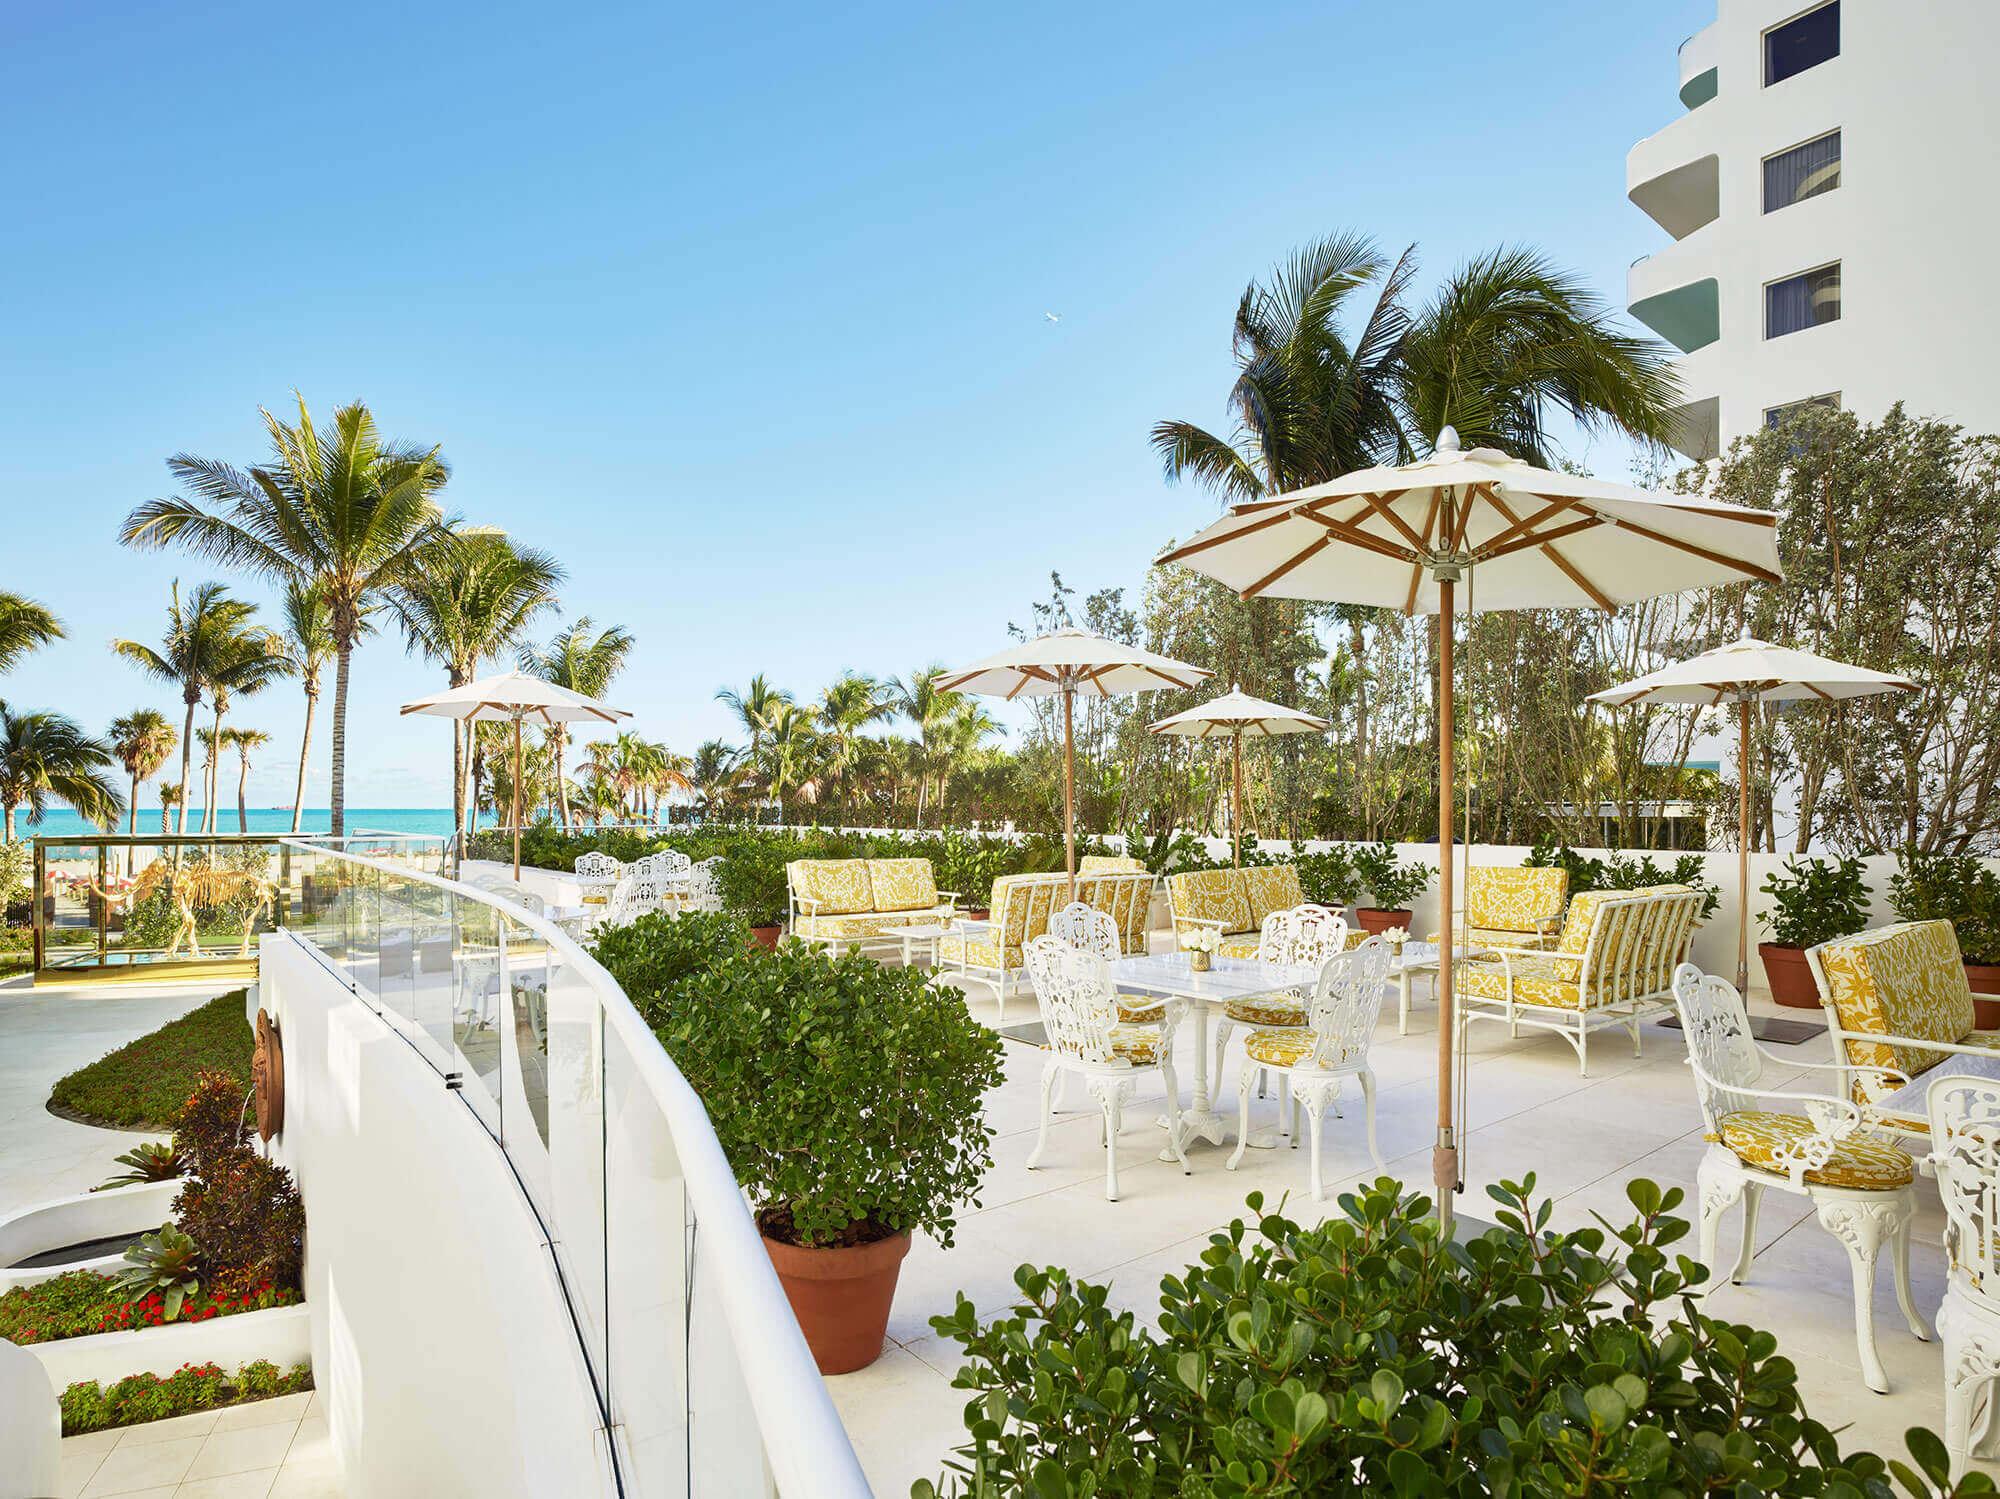 Faena_hotel_PAO_Terrace.jpg